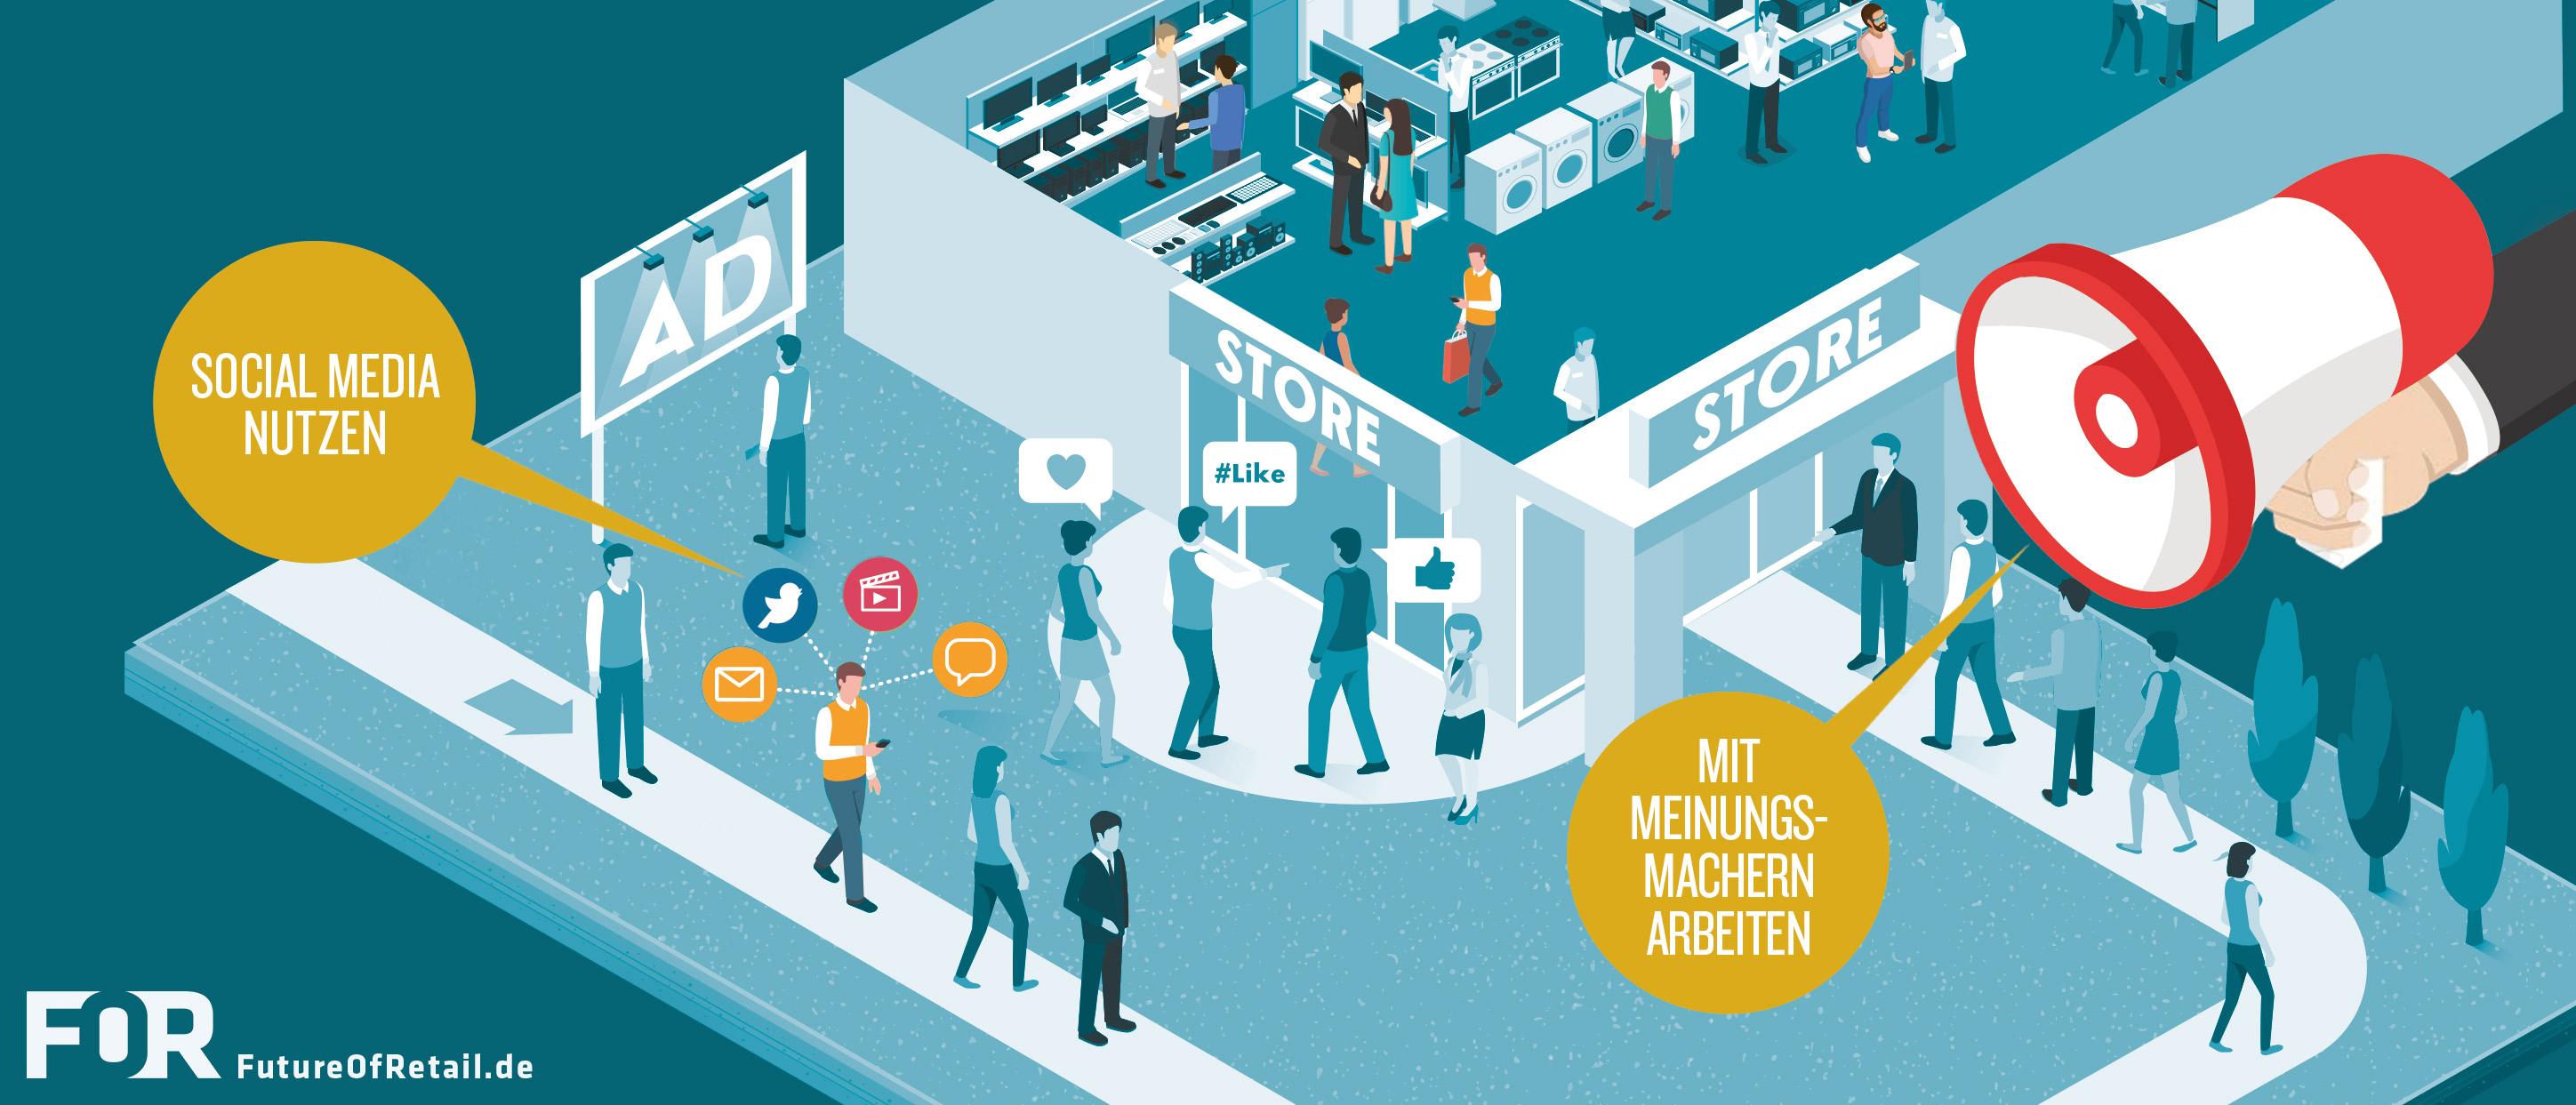 best forex signals app 2021 handel mit hoher frequenz